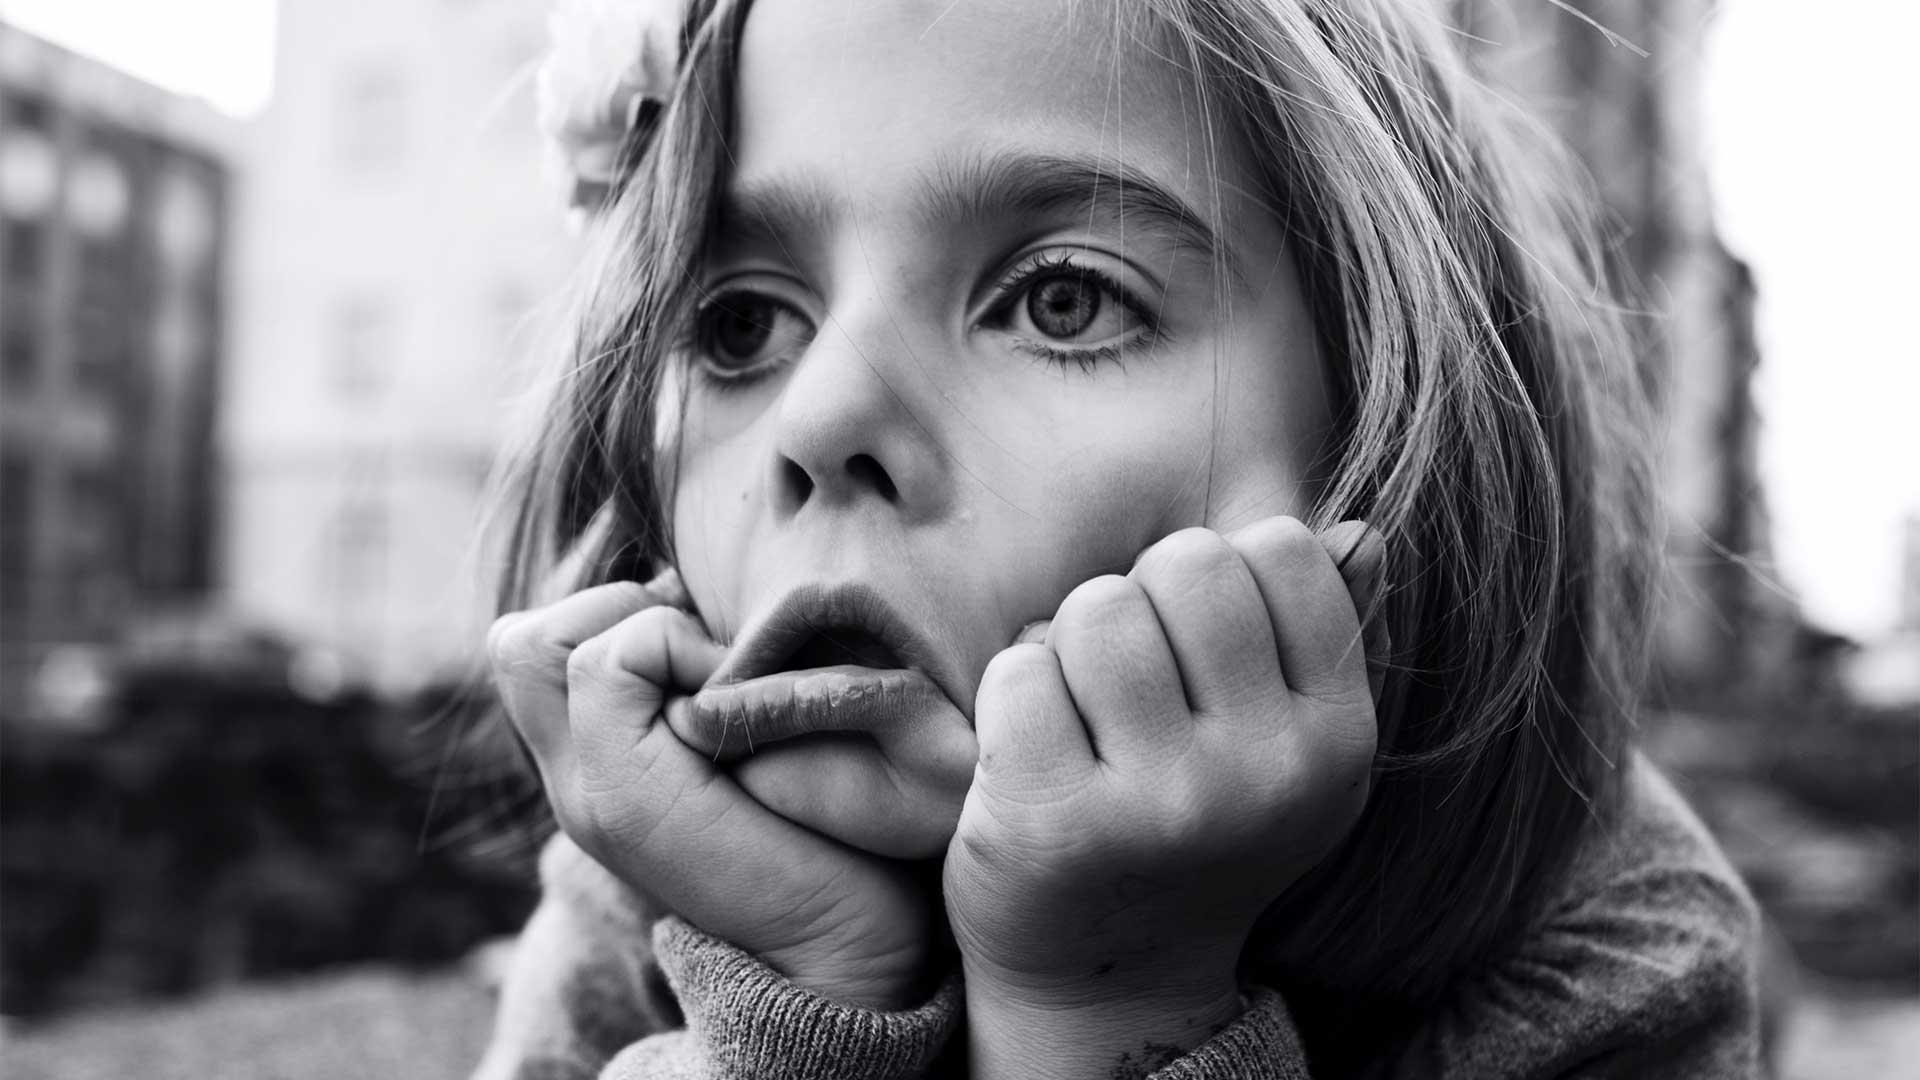 Mädchen mit heruntergezogenen Mundwinkeln